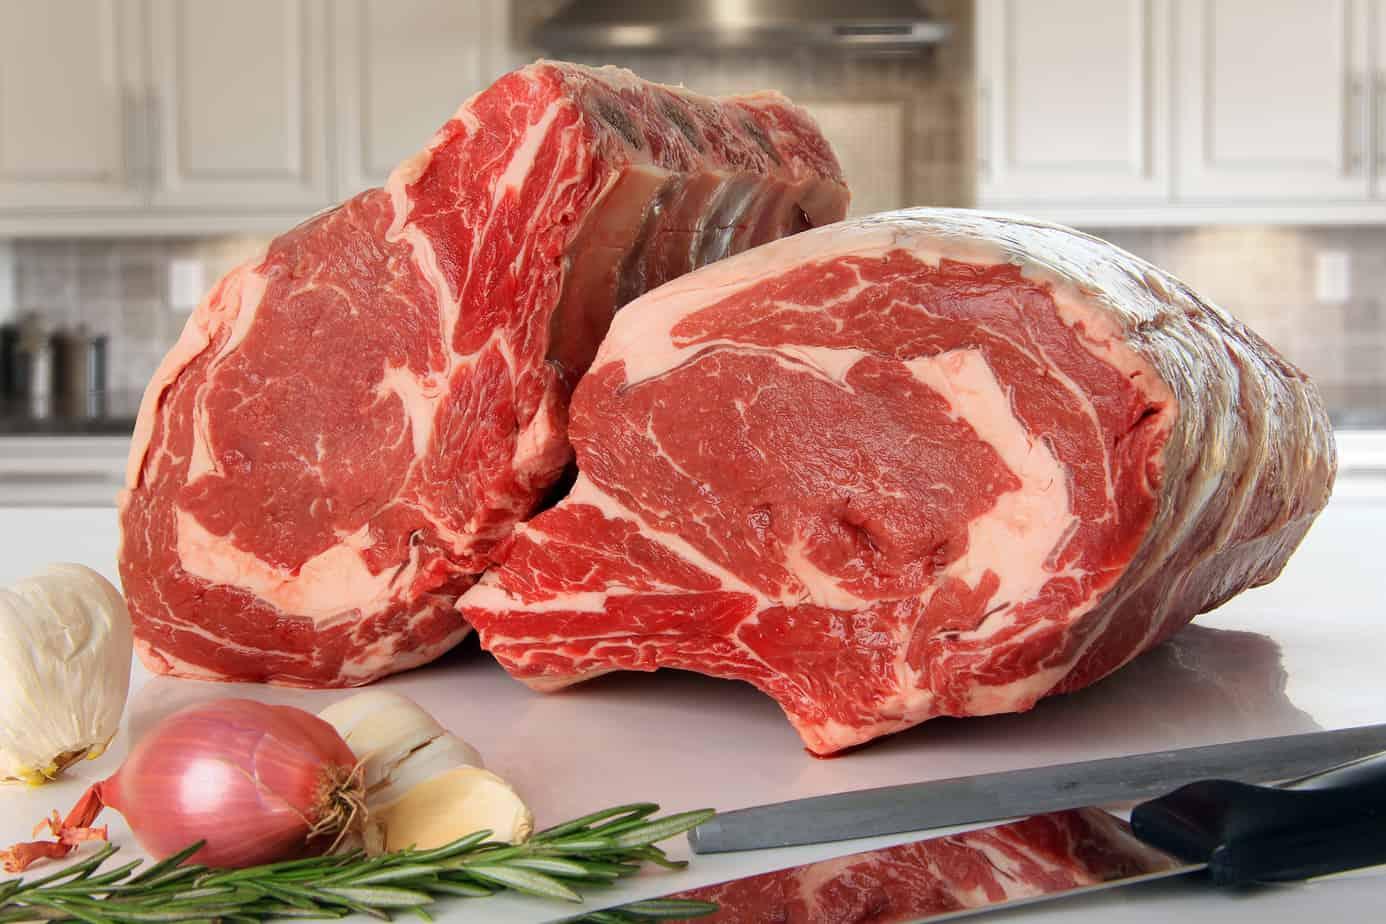 Prime rib beef roast